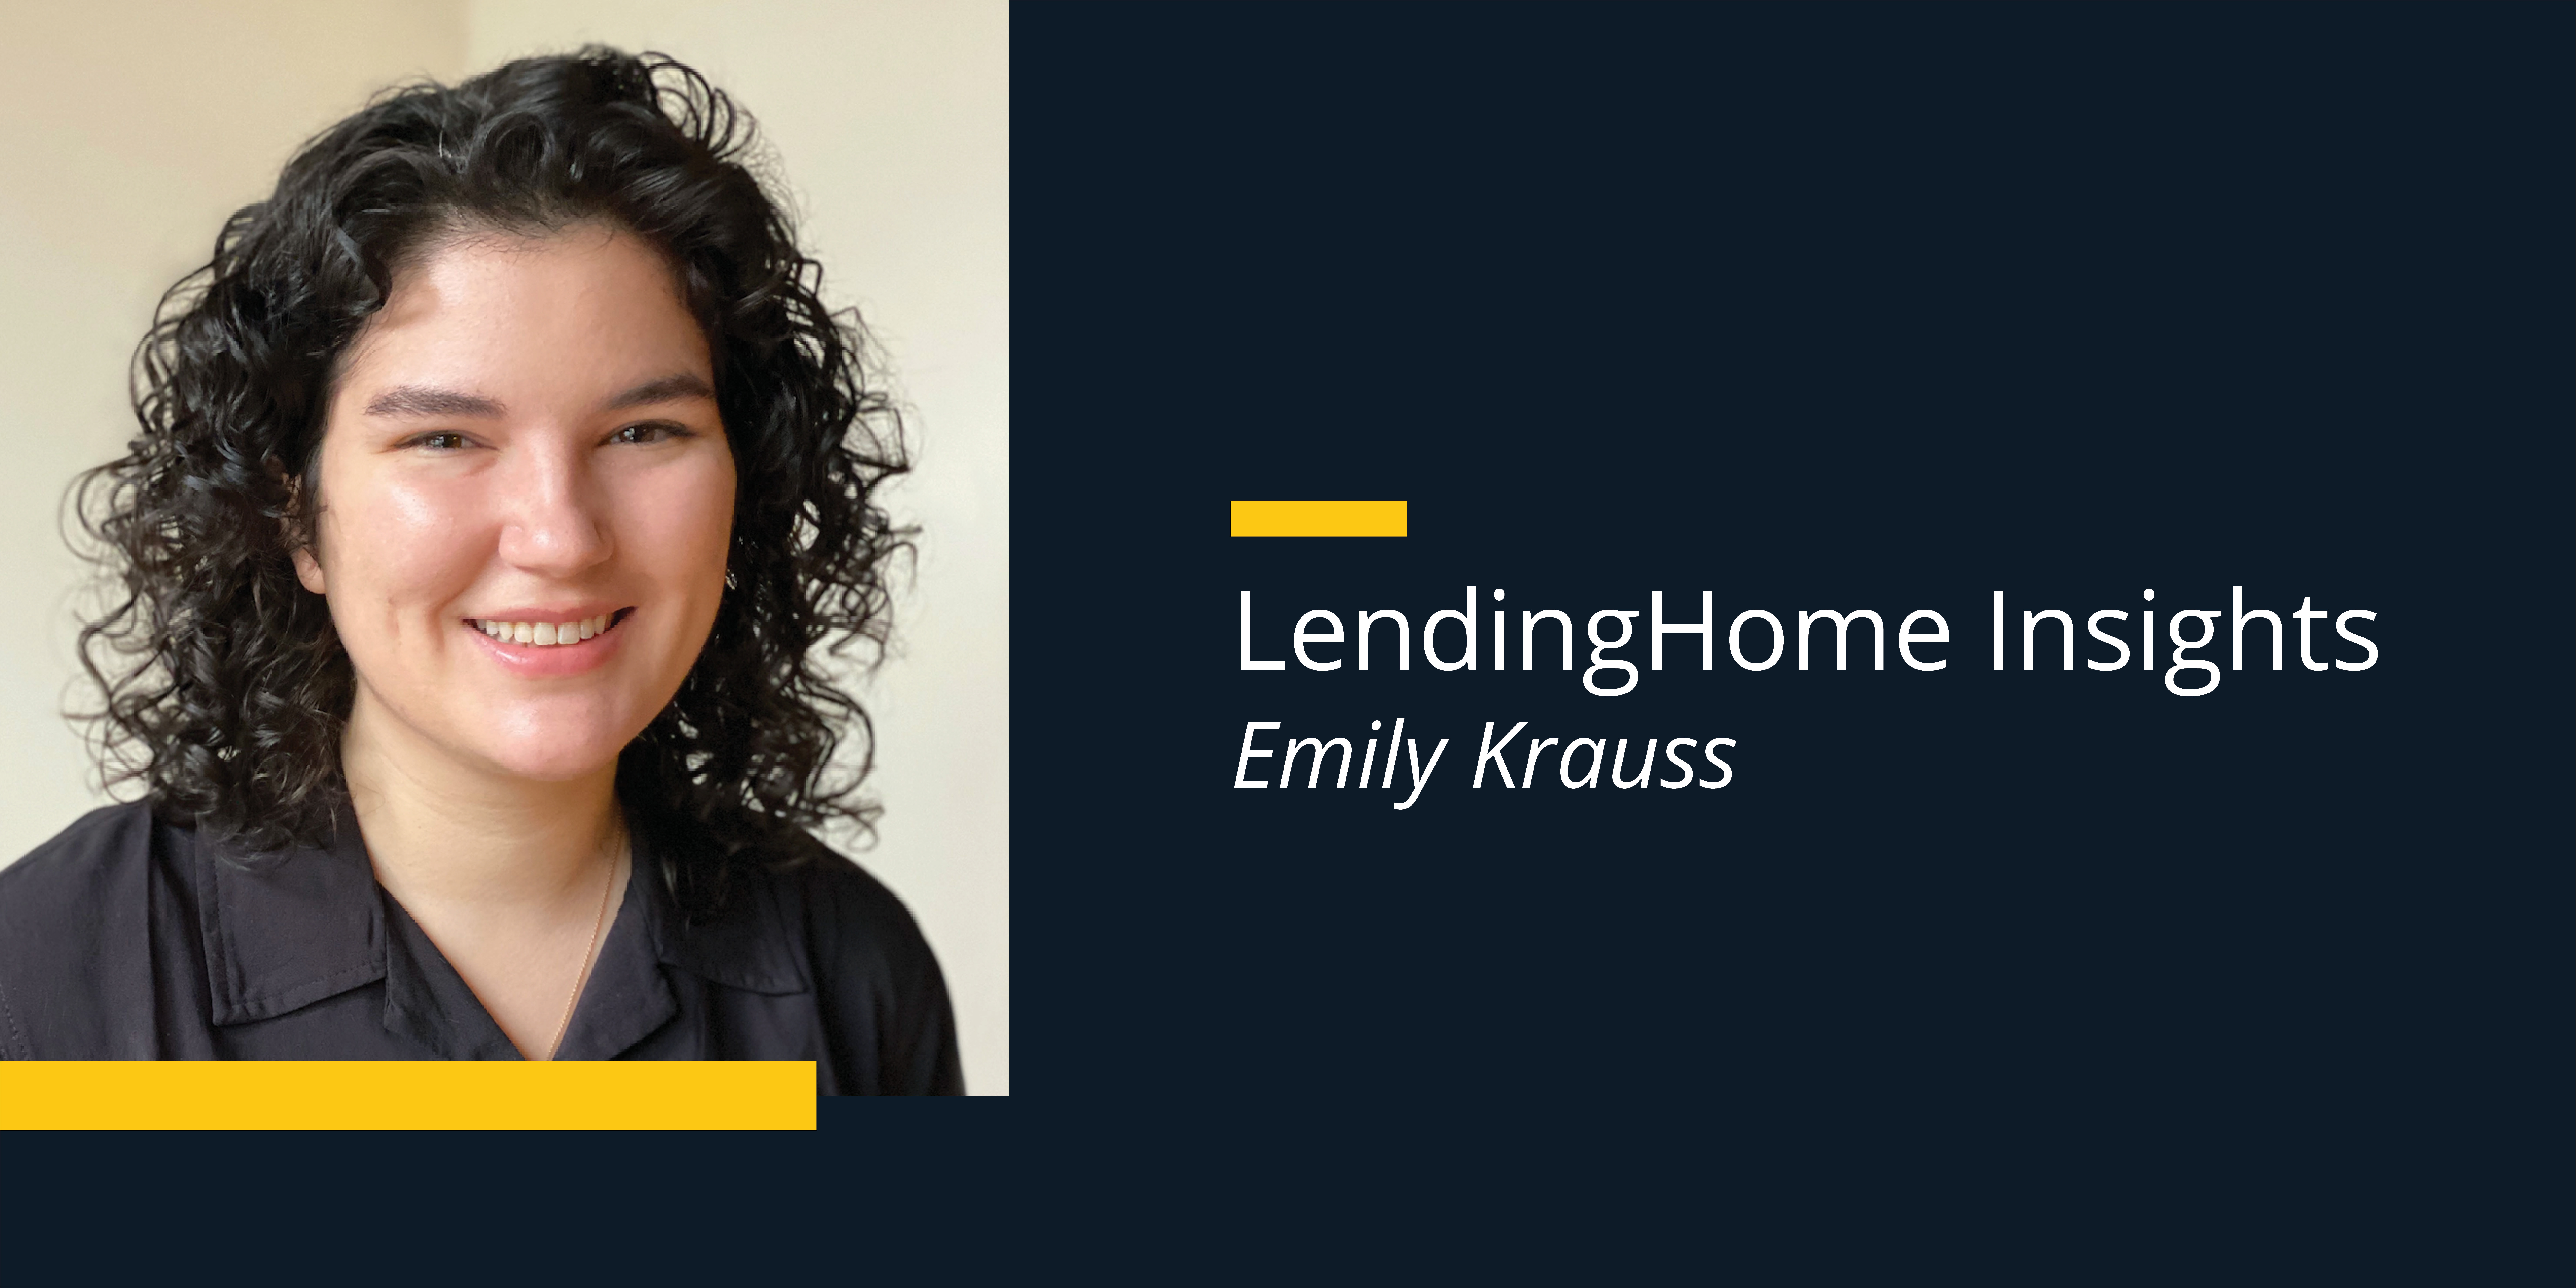 Employee Highlights: Emily Krauss